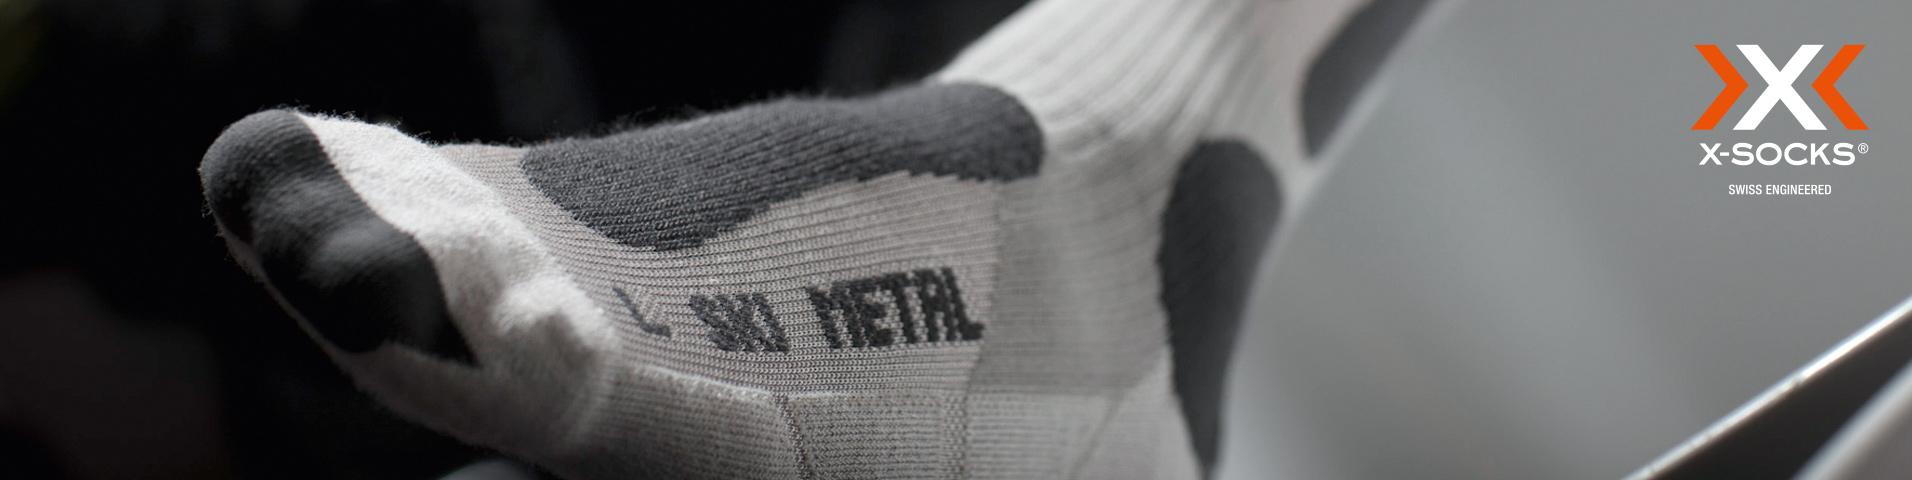 Articles pour homme X Socks | Tous les articles chez Zalando